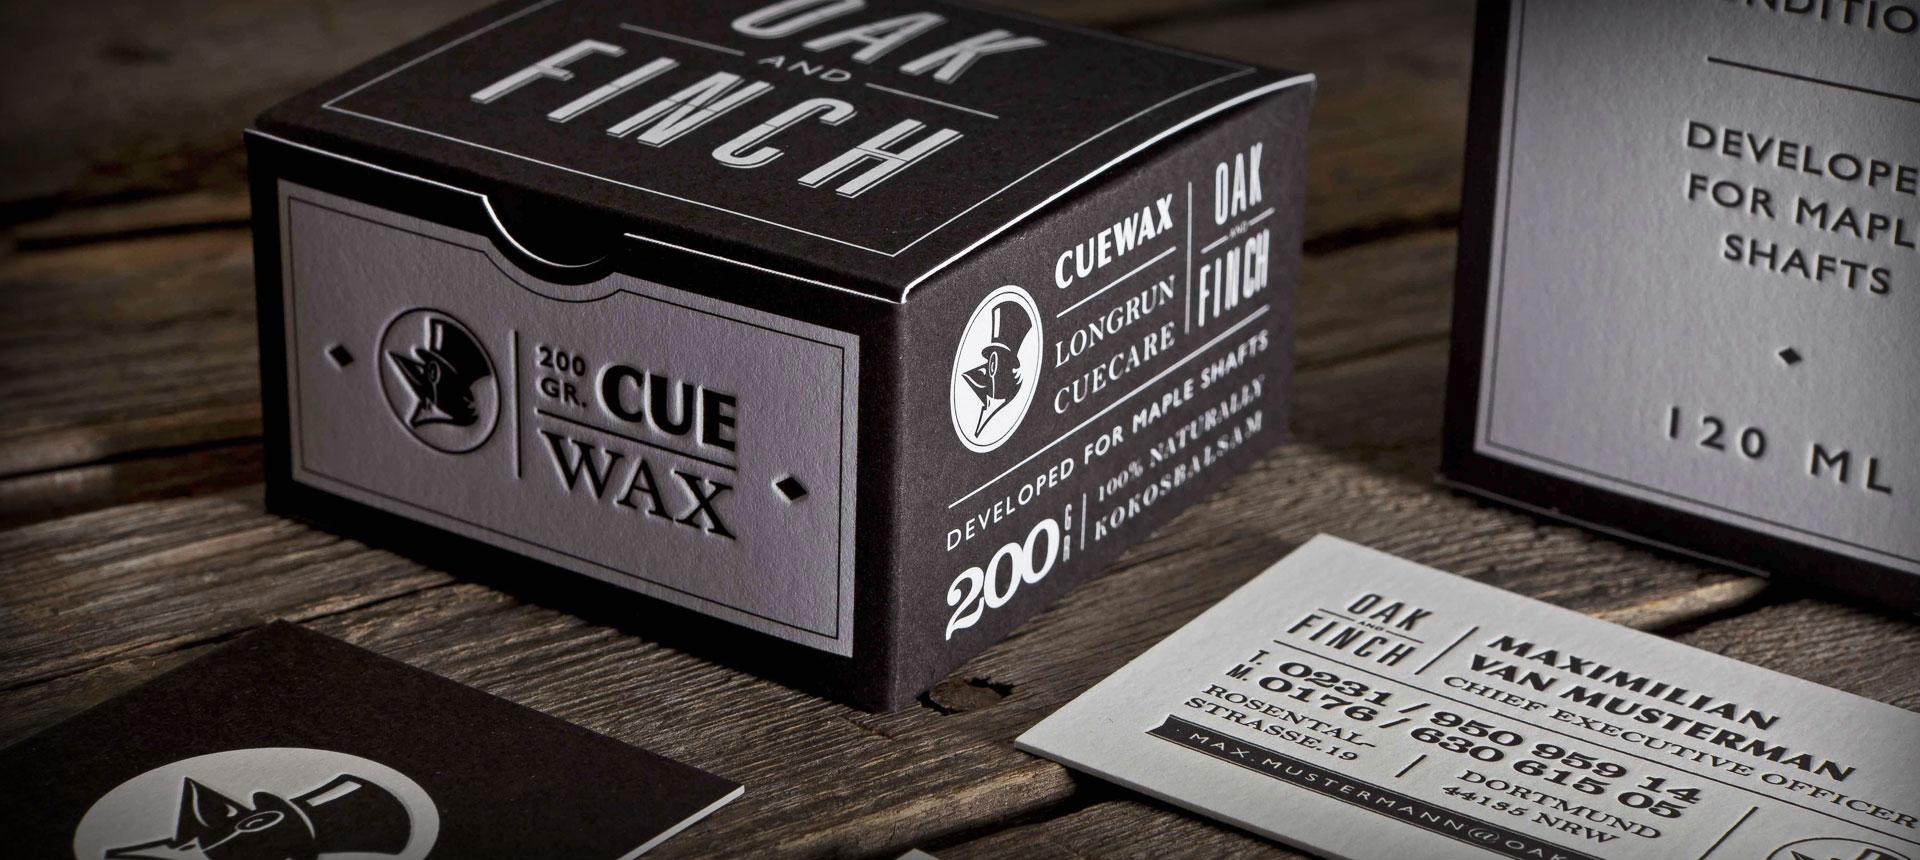 Letterpress: Packaging Oak 'n' Finch